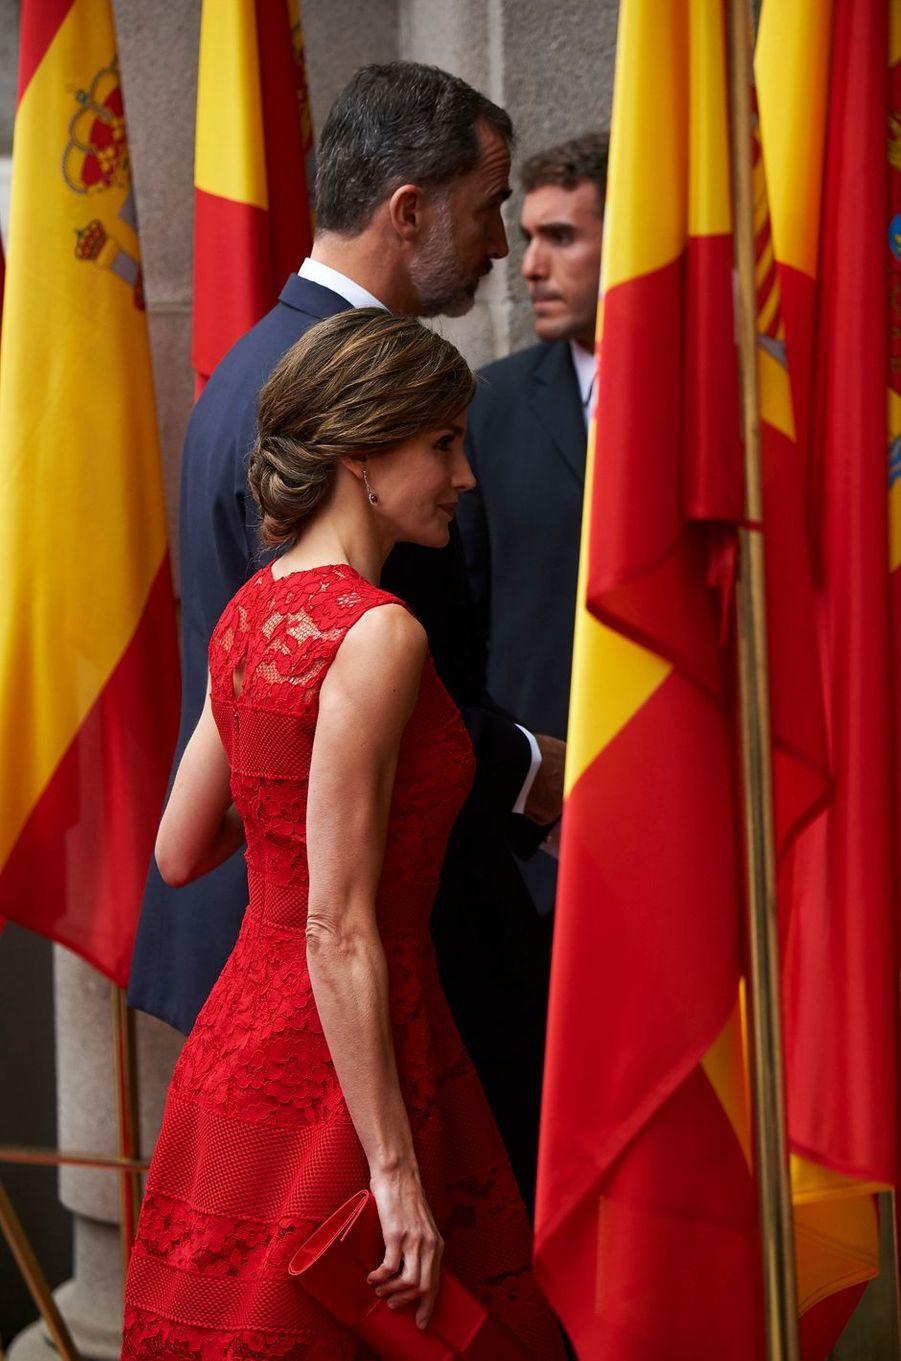 La reine Letizia et le roi Felipe VI d'Espagne au Palais des Cortes à Madrid, le 28 juin 2017